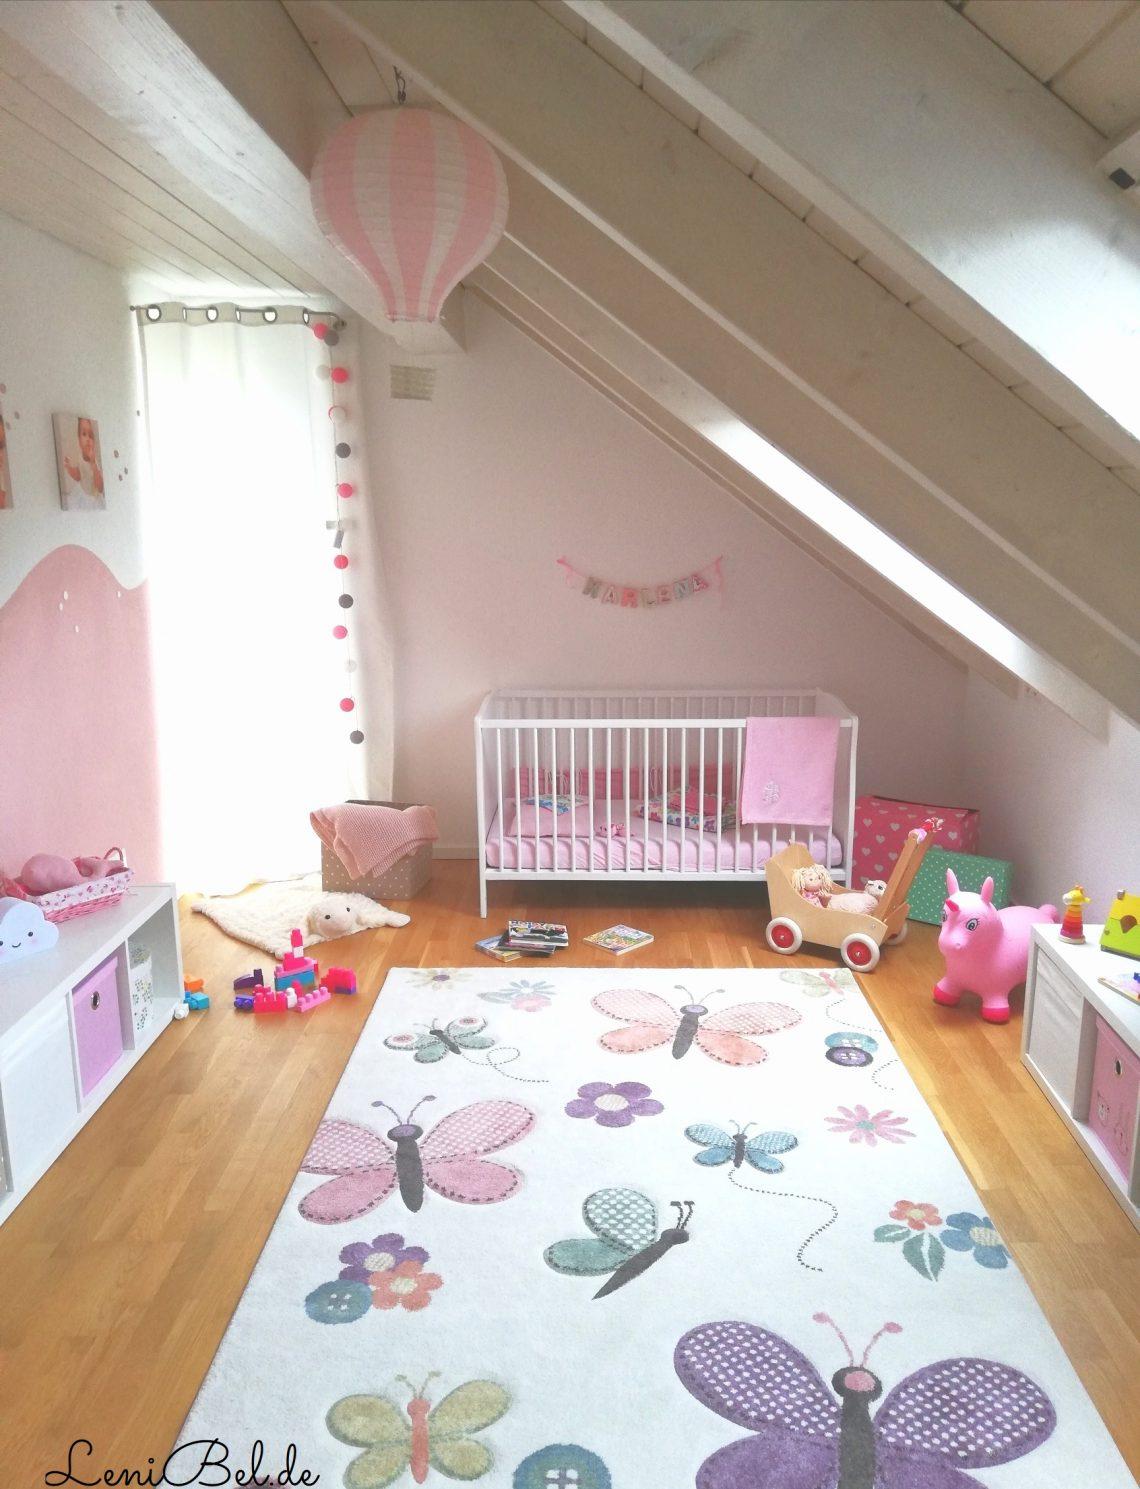 kinderzimmer einrichten 10 tipps und ideen f r die gestaltung. Black Bedroom Furniture Sets. Home Design Ideas